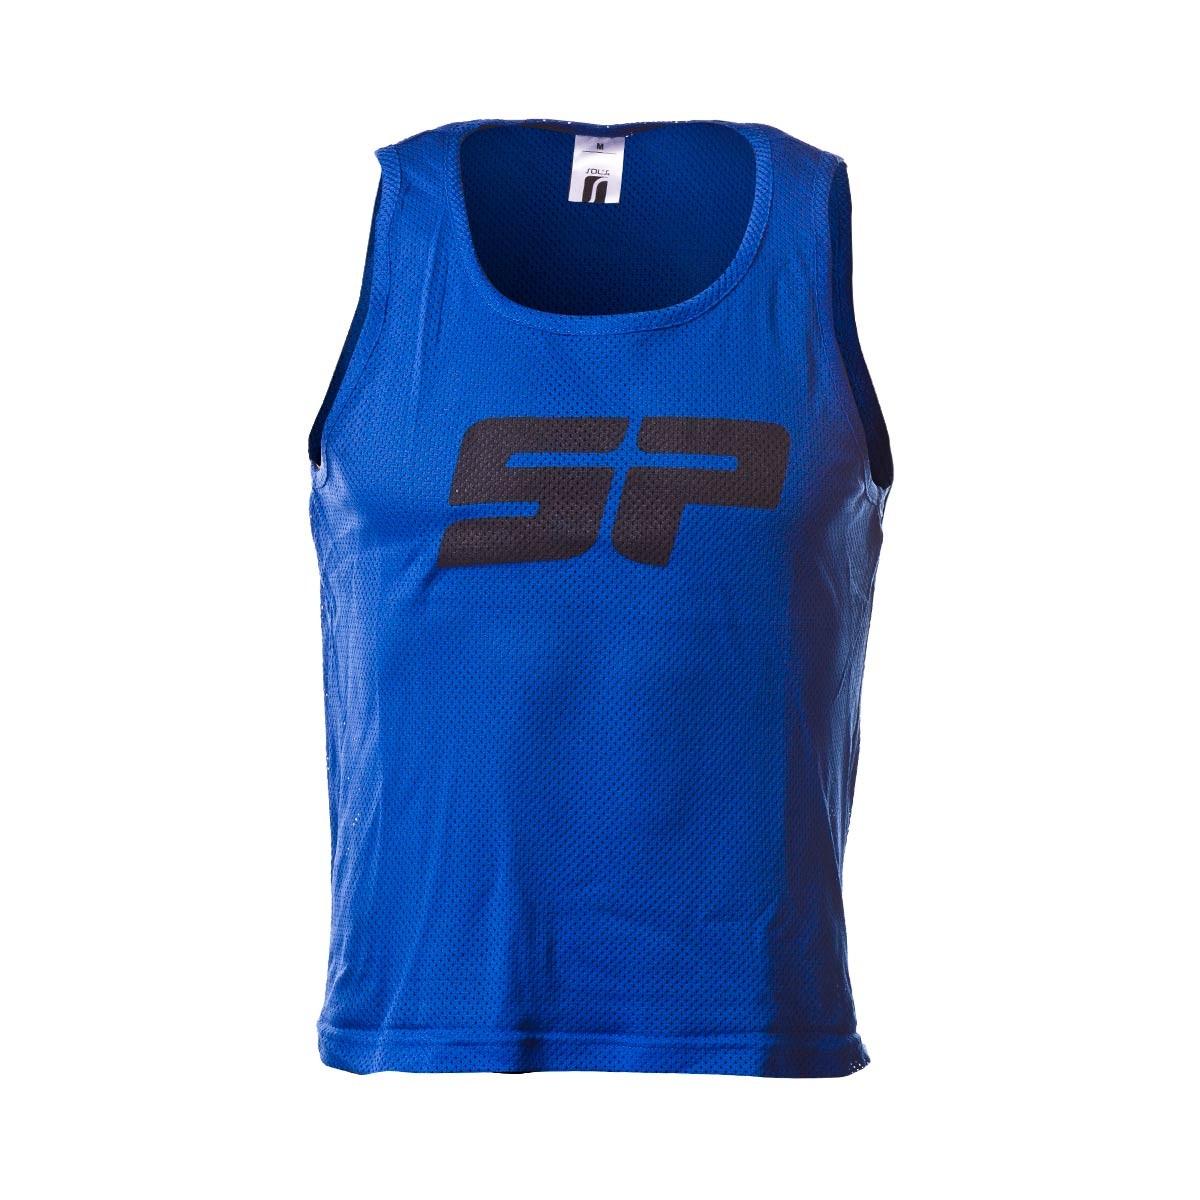 Pack SP 5 Petos Azul - Soloporteros es ahora Fútbol Emotion 0e6b088f2b3